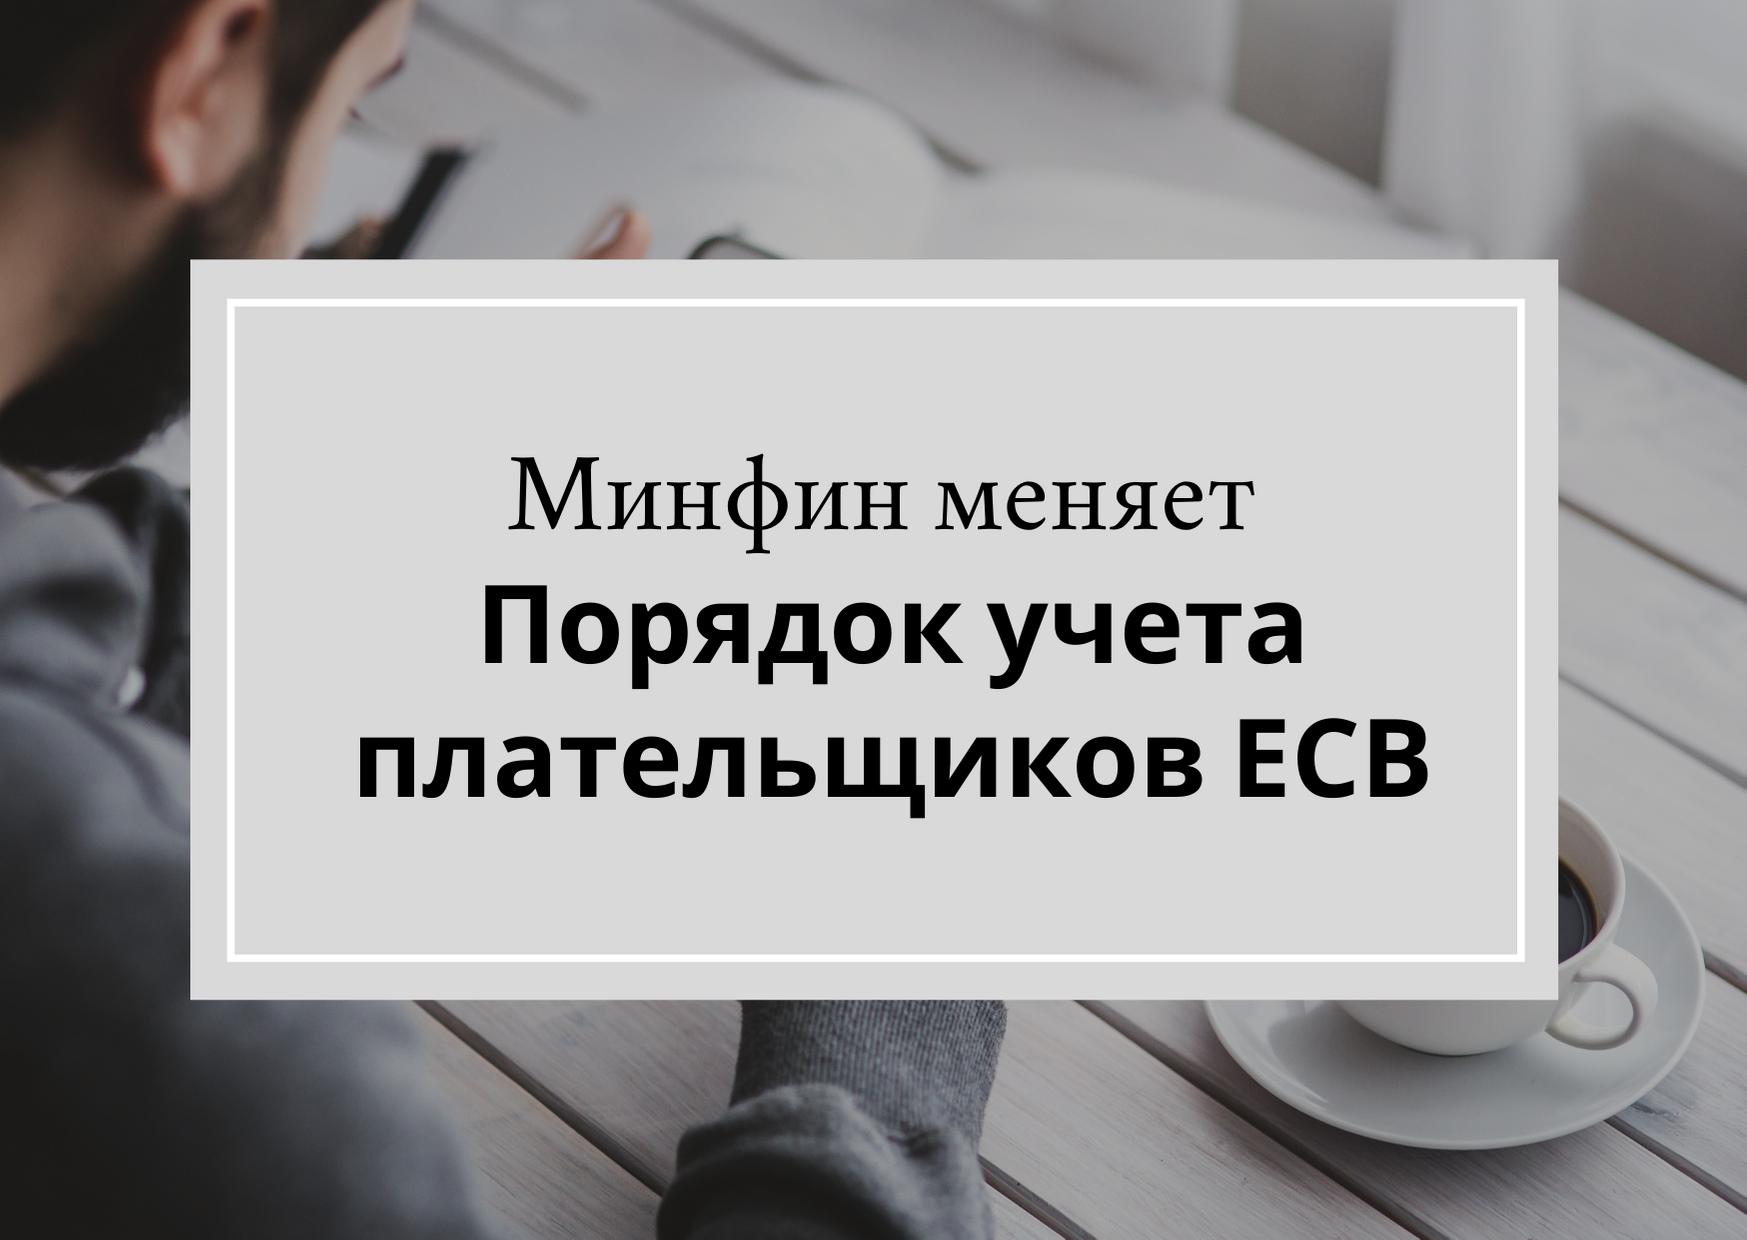 Minfin menyayet Poryadok ucheta platel'shchikov YESV